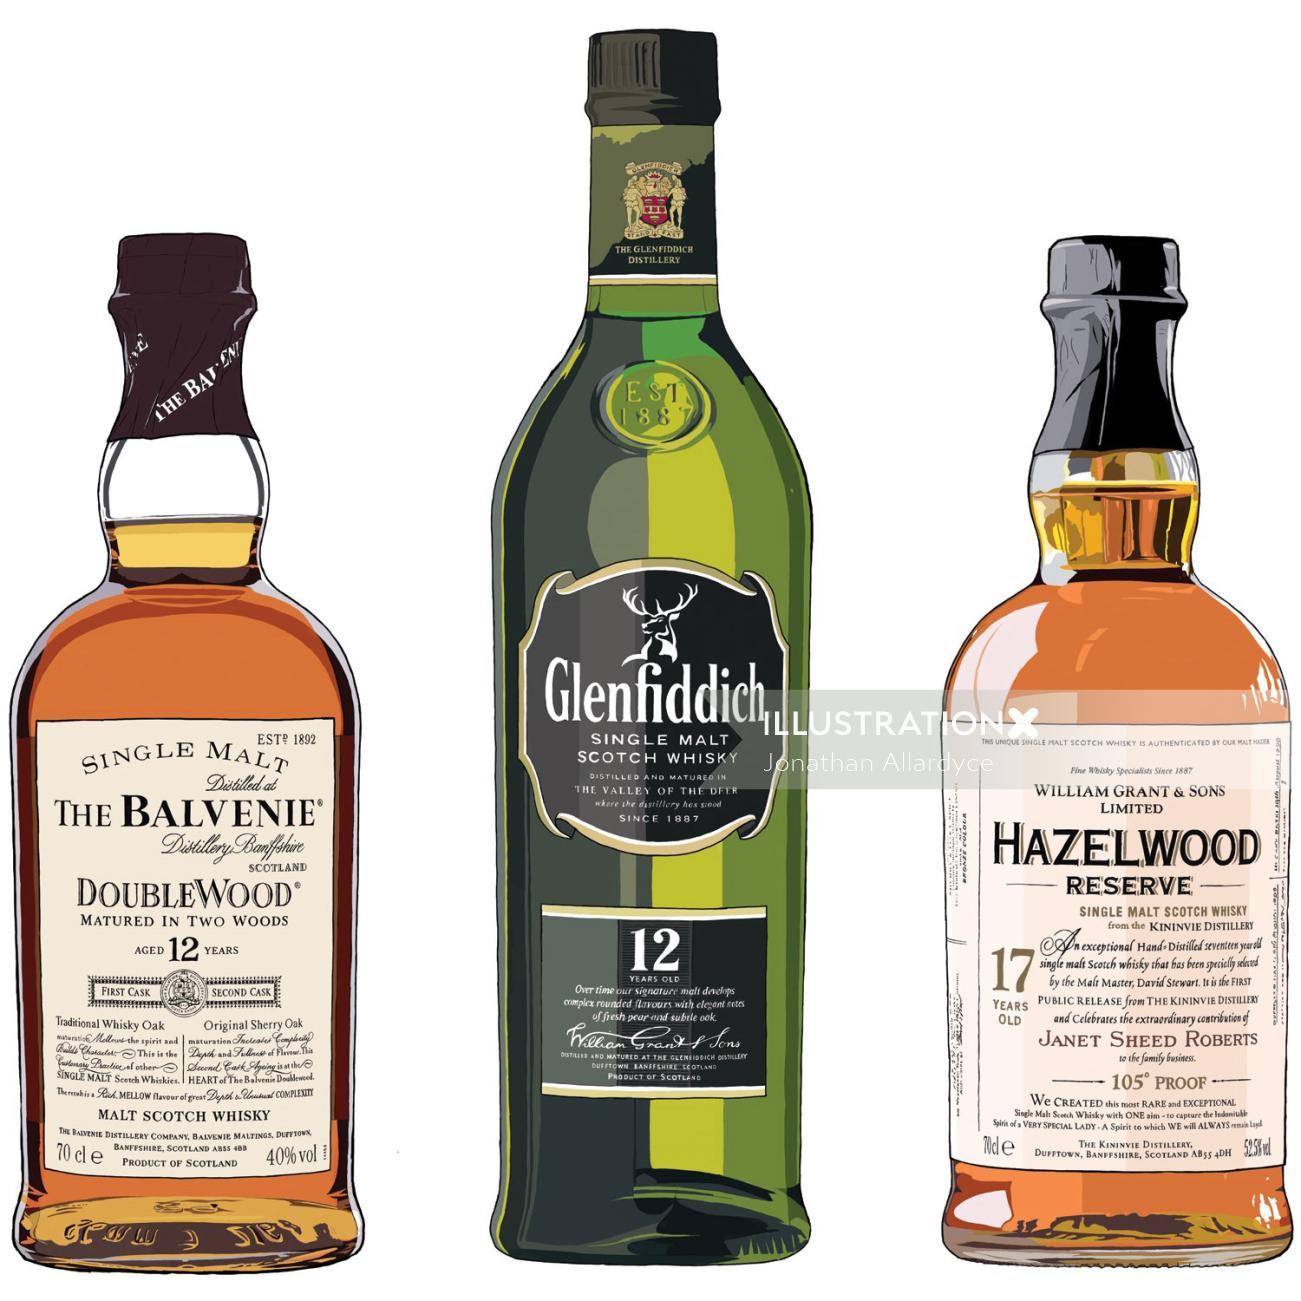 Scotch whisky bottles vector - illustration by Jonathan Allardyce